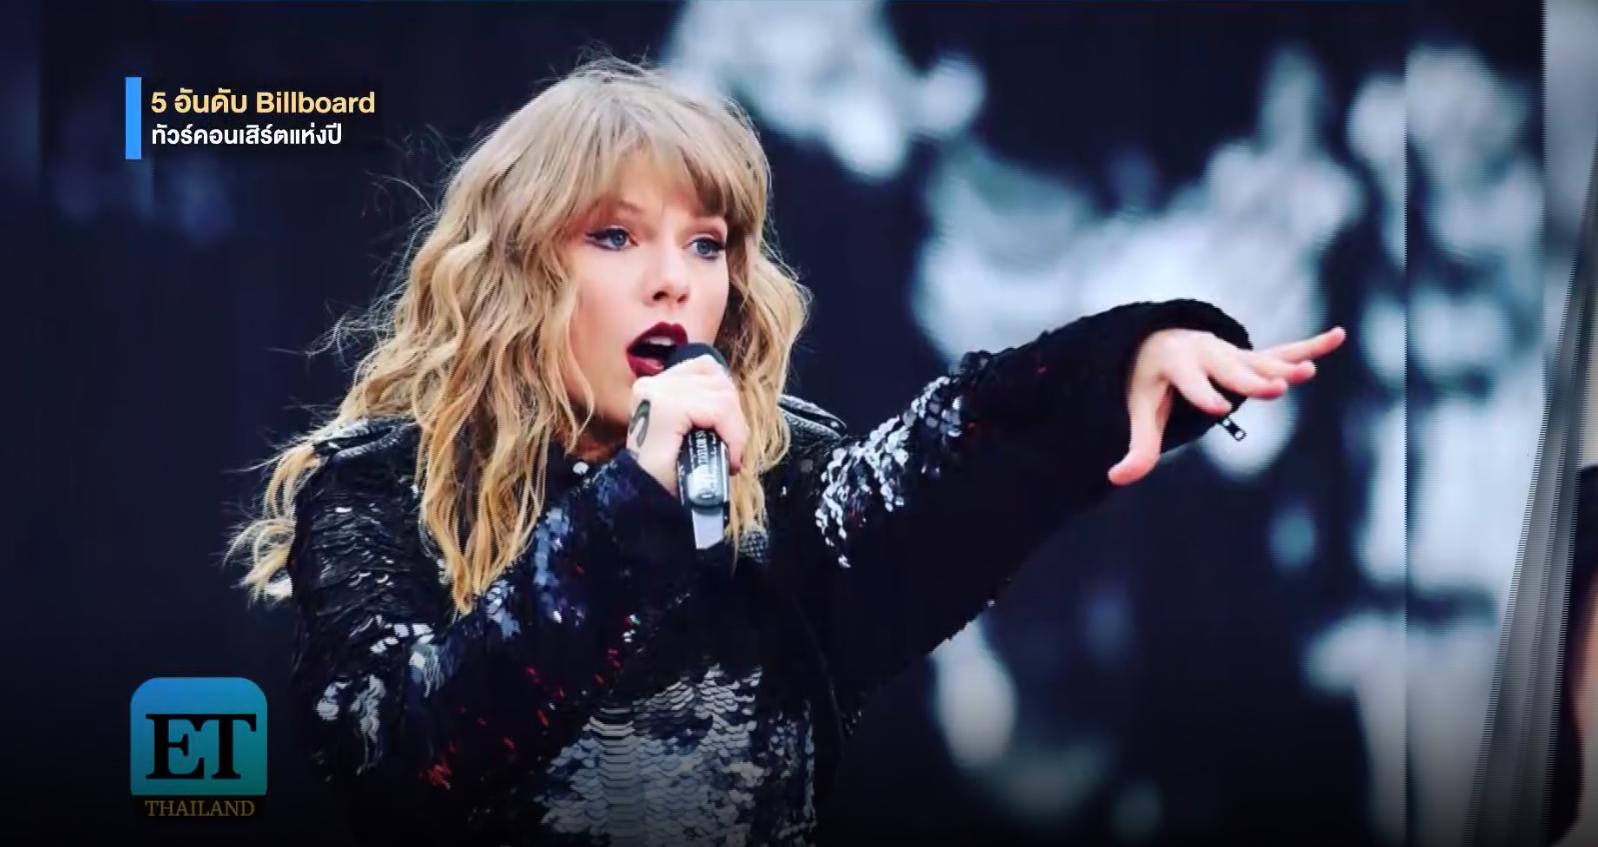 Billboard เผยอันดับ 5 ทัวร์คอนเสิร์ตแห่งปี